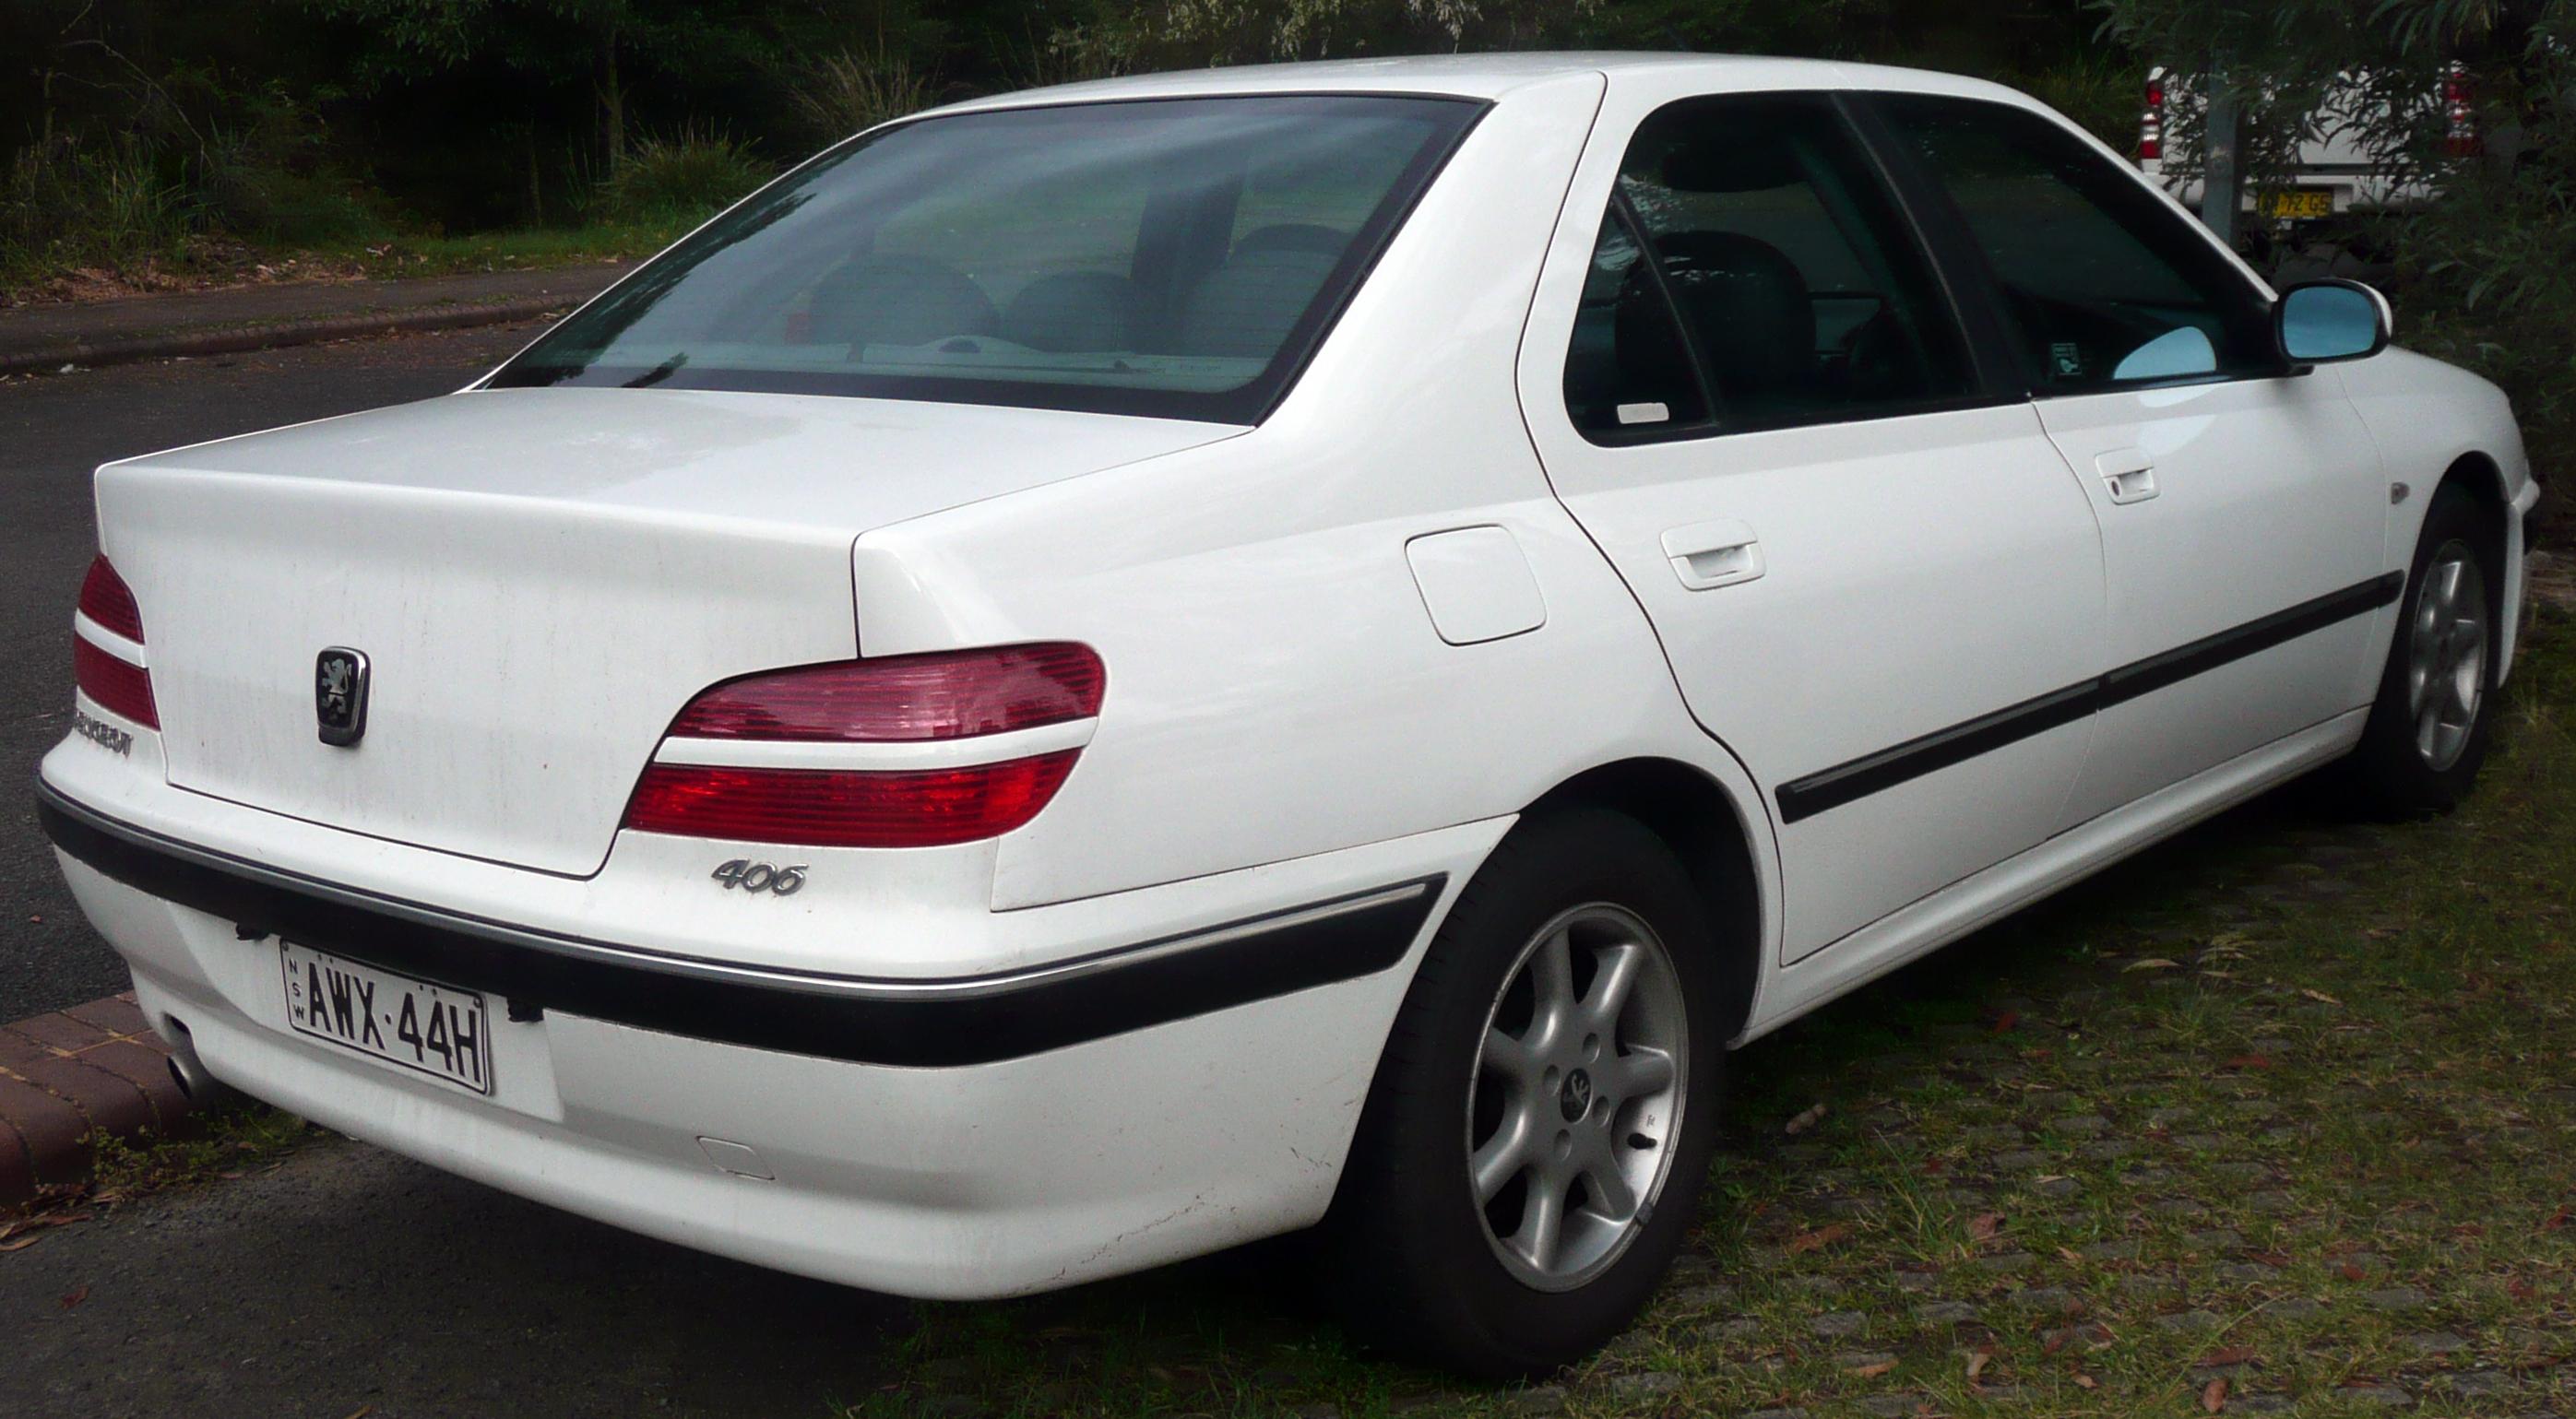 File:1999-2000 Peugeot 406 (D9) SV sedan 03.jpg